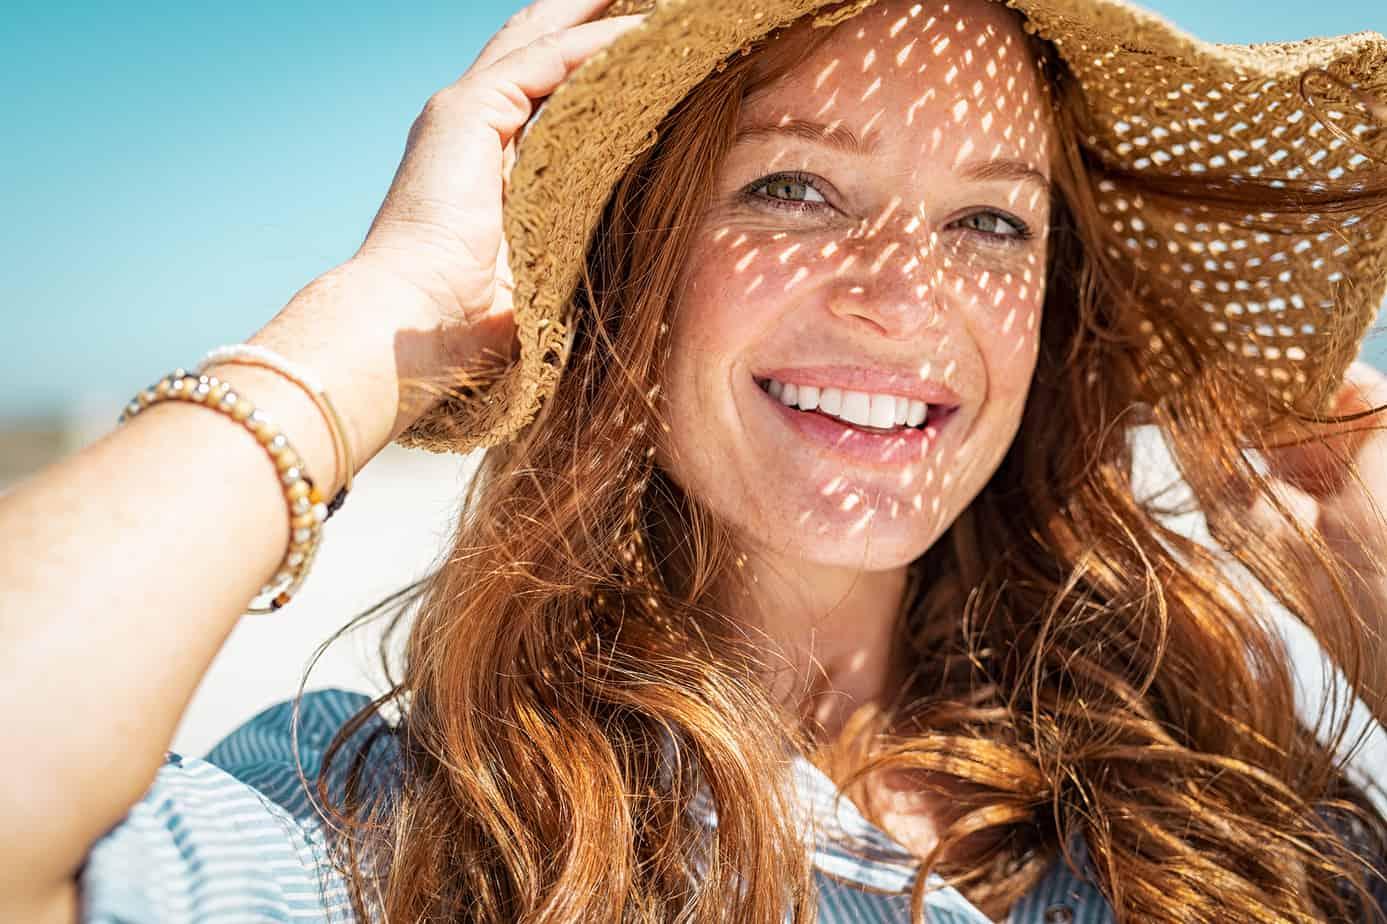 donna sorridente con cappello in spiaggia